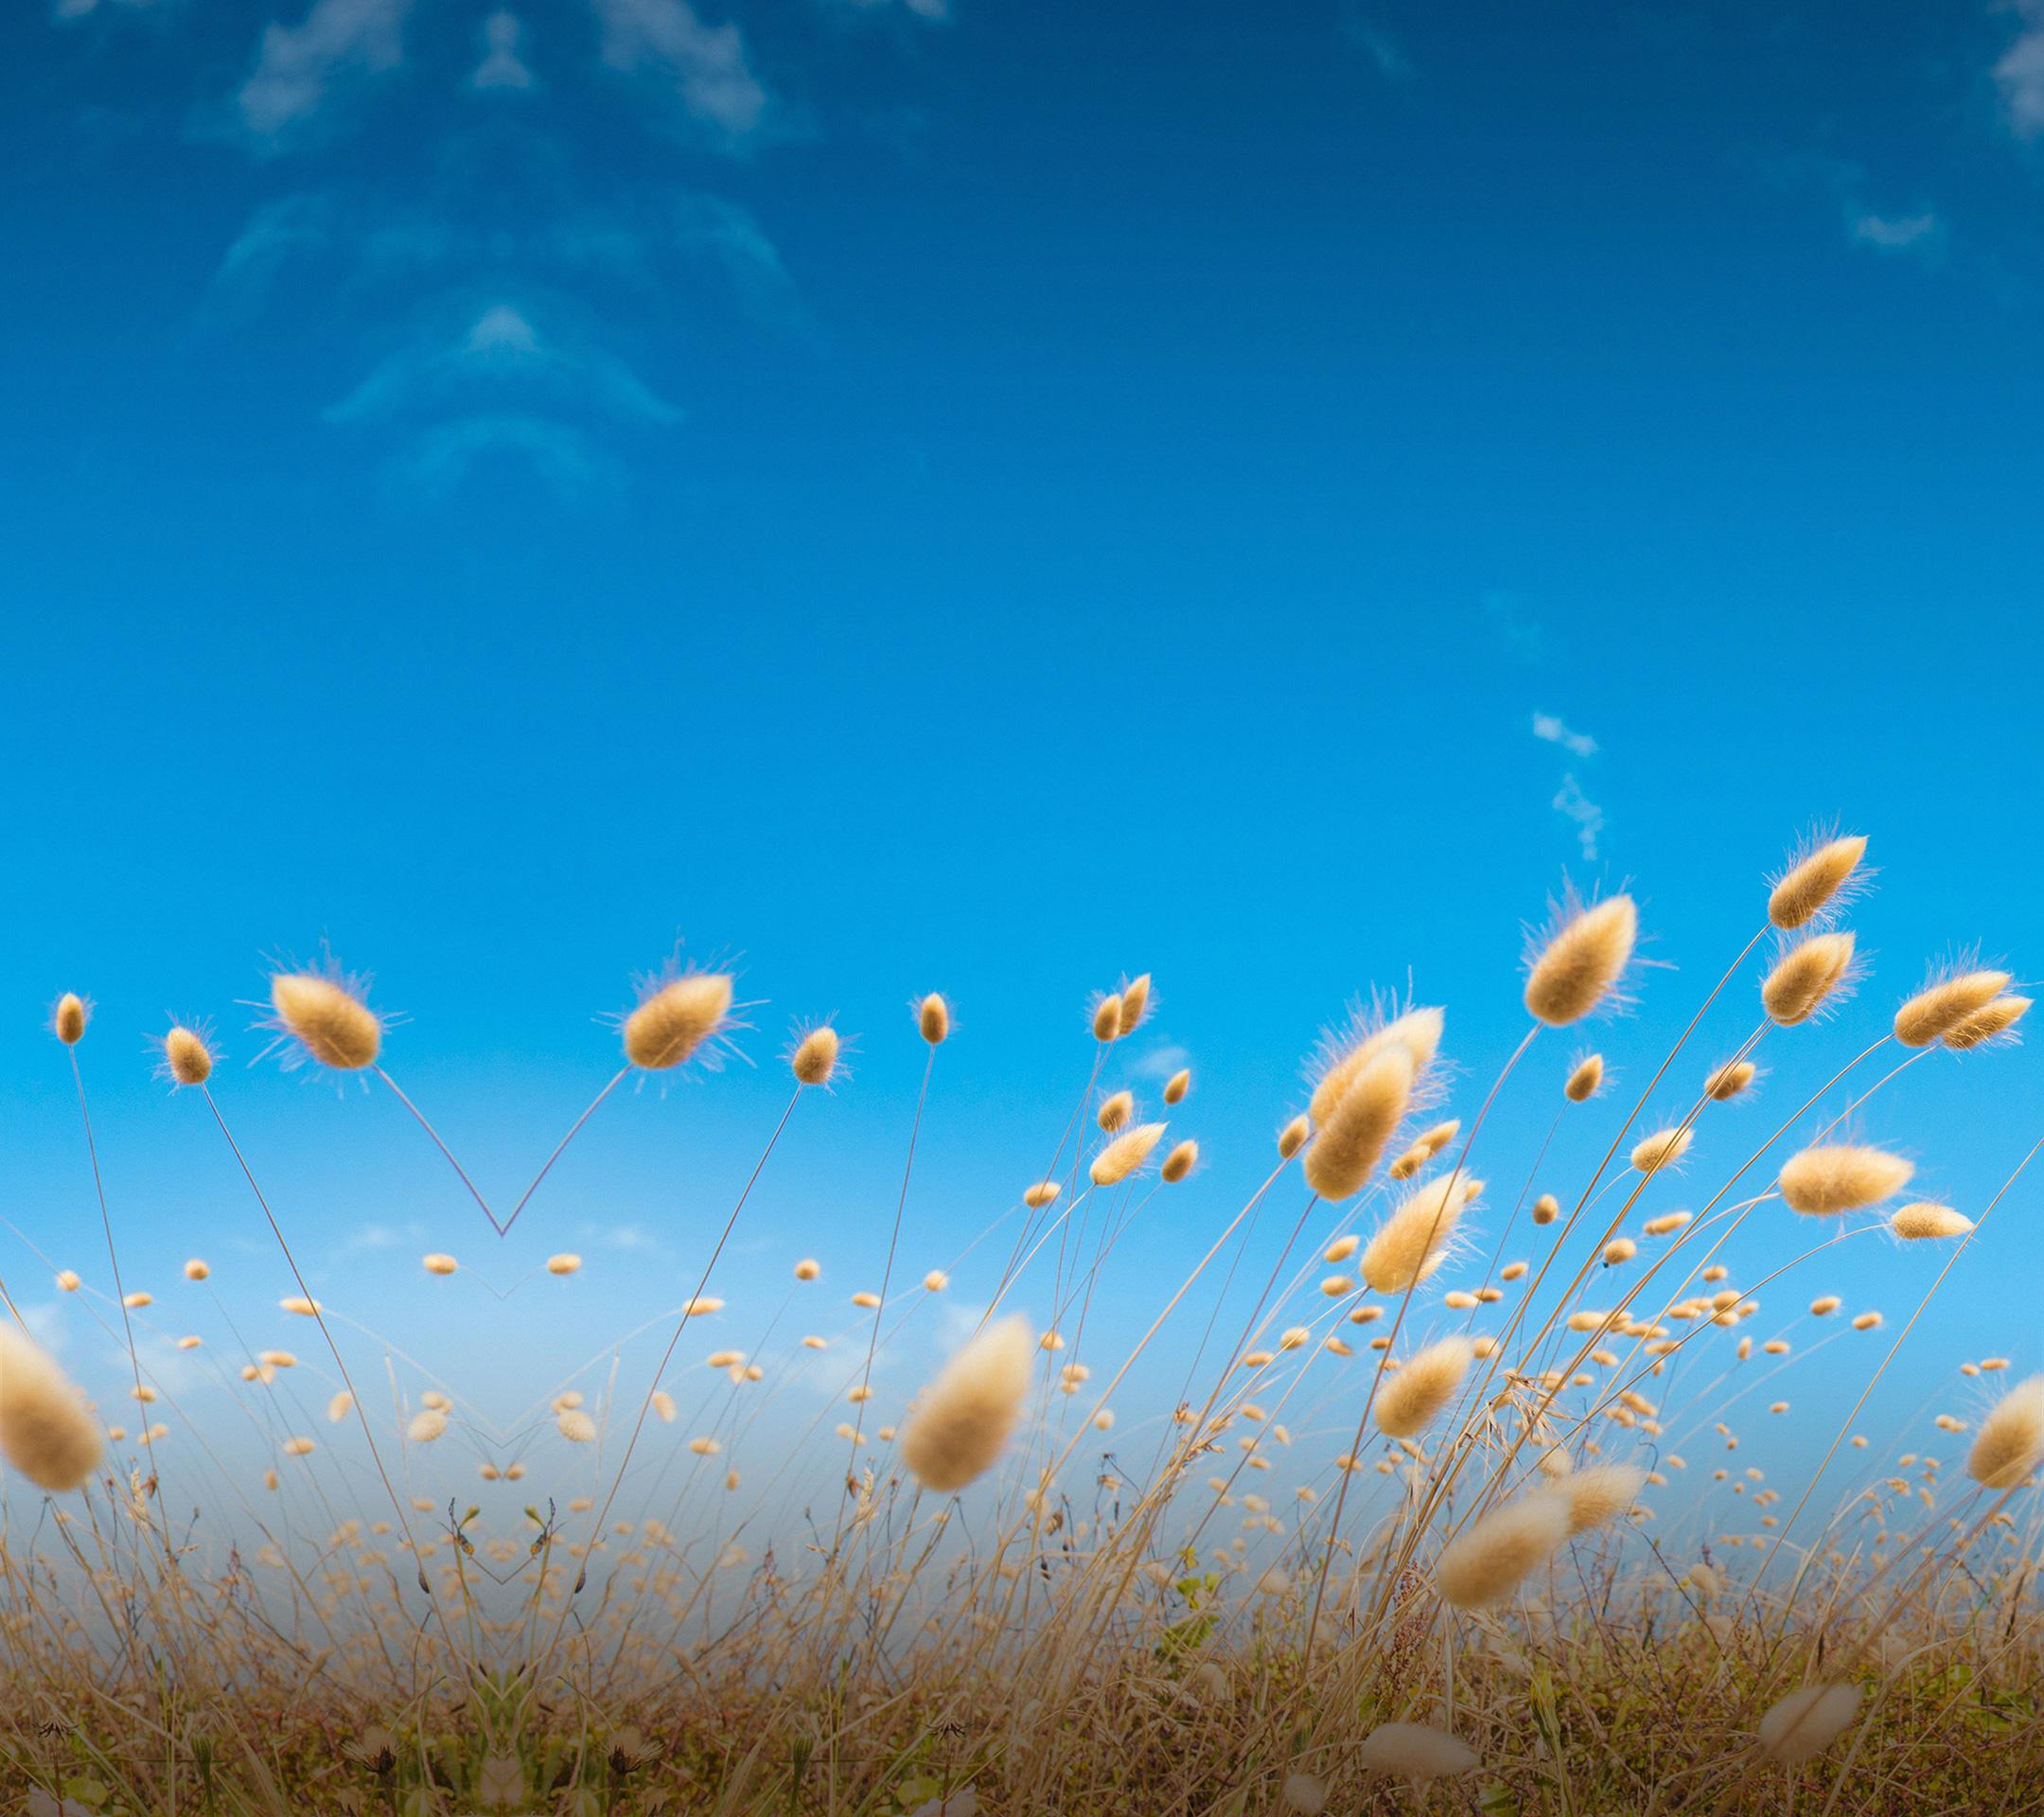 HTC One M9 Hintergrundbilder zum Download   Bild 4   Bilderserie 2160x1920